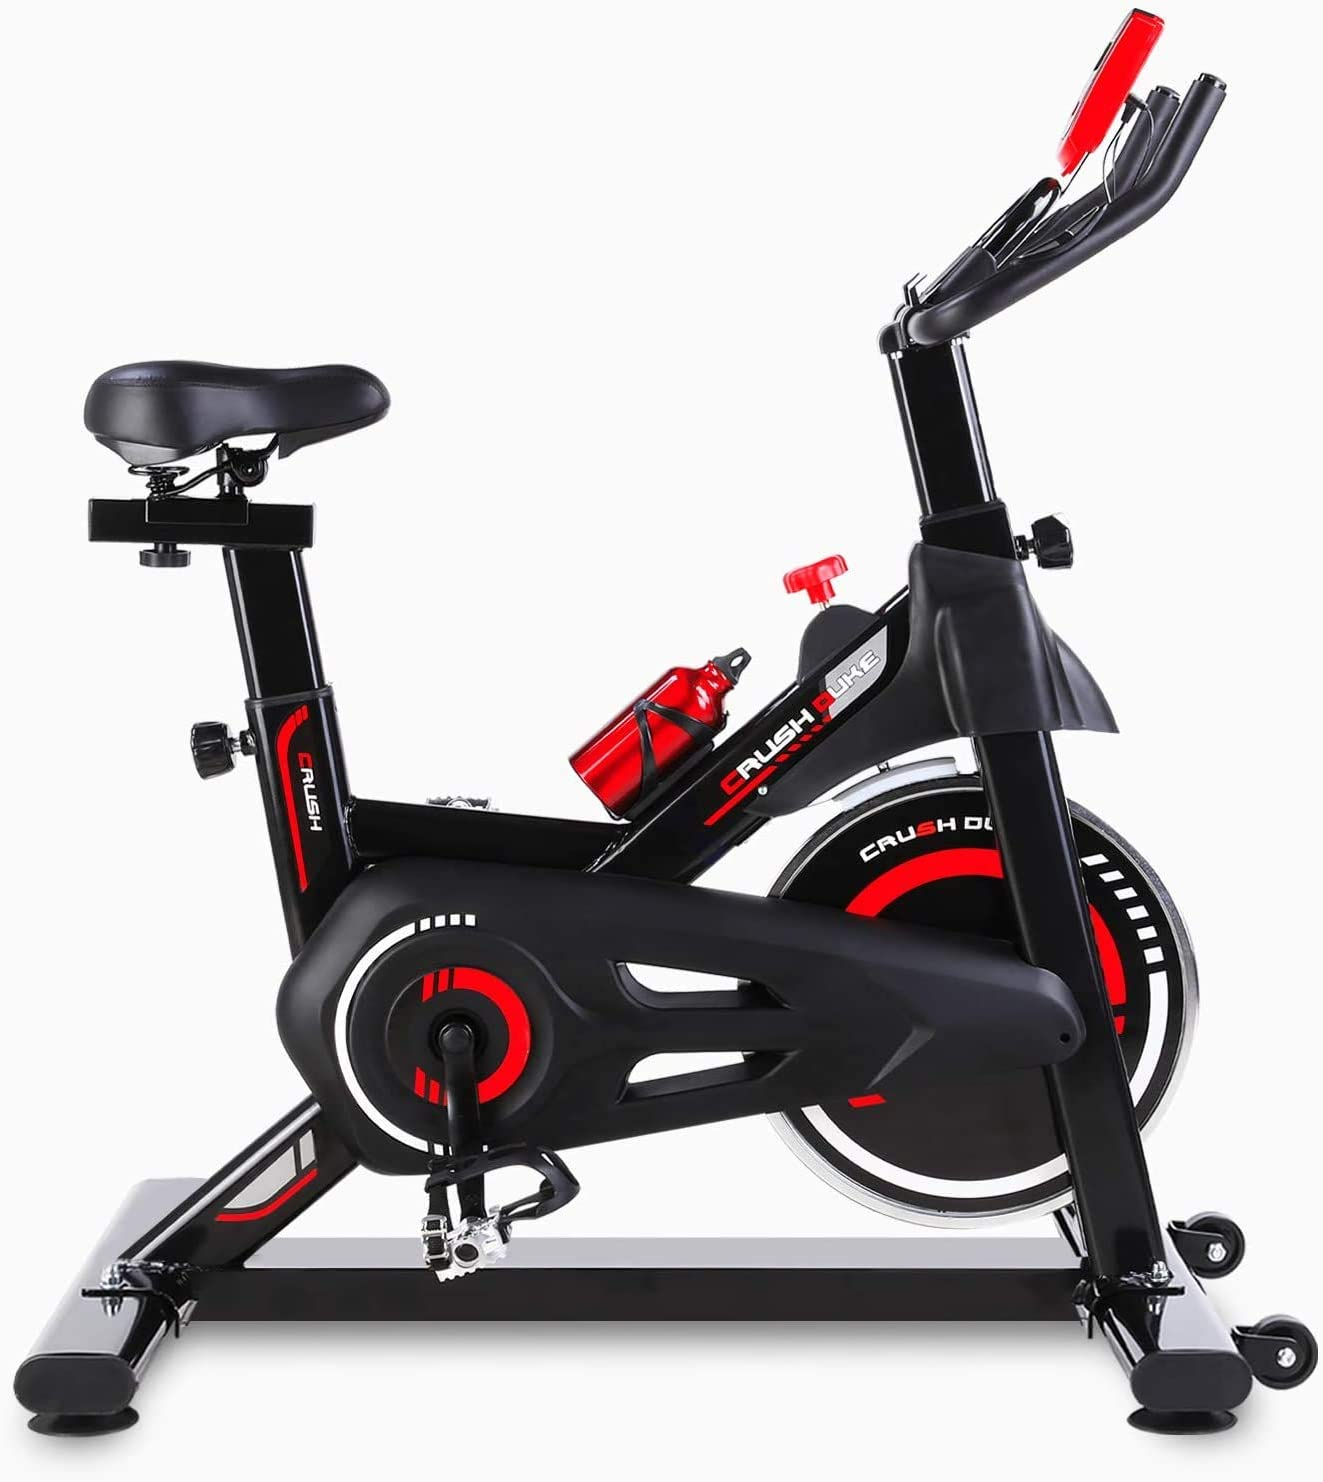 Femor Bicicleta Estática para Interior, con Ajuste de Resistencia, 5 Ajustes de Altura de Reposabrazos y Cojines, con Indicador LCD de Datos, hasta 150kg